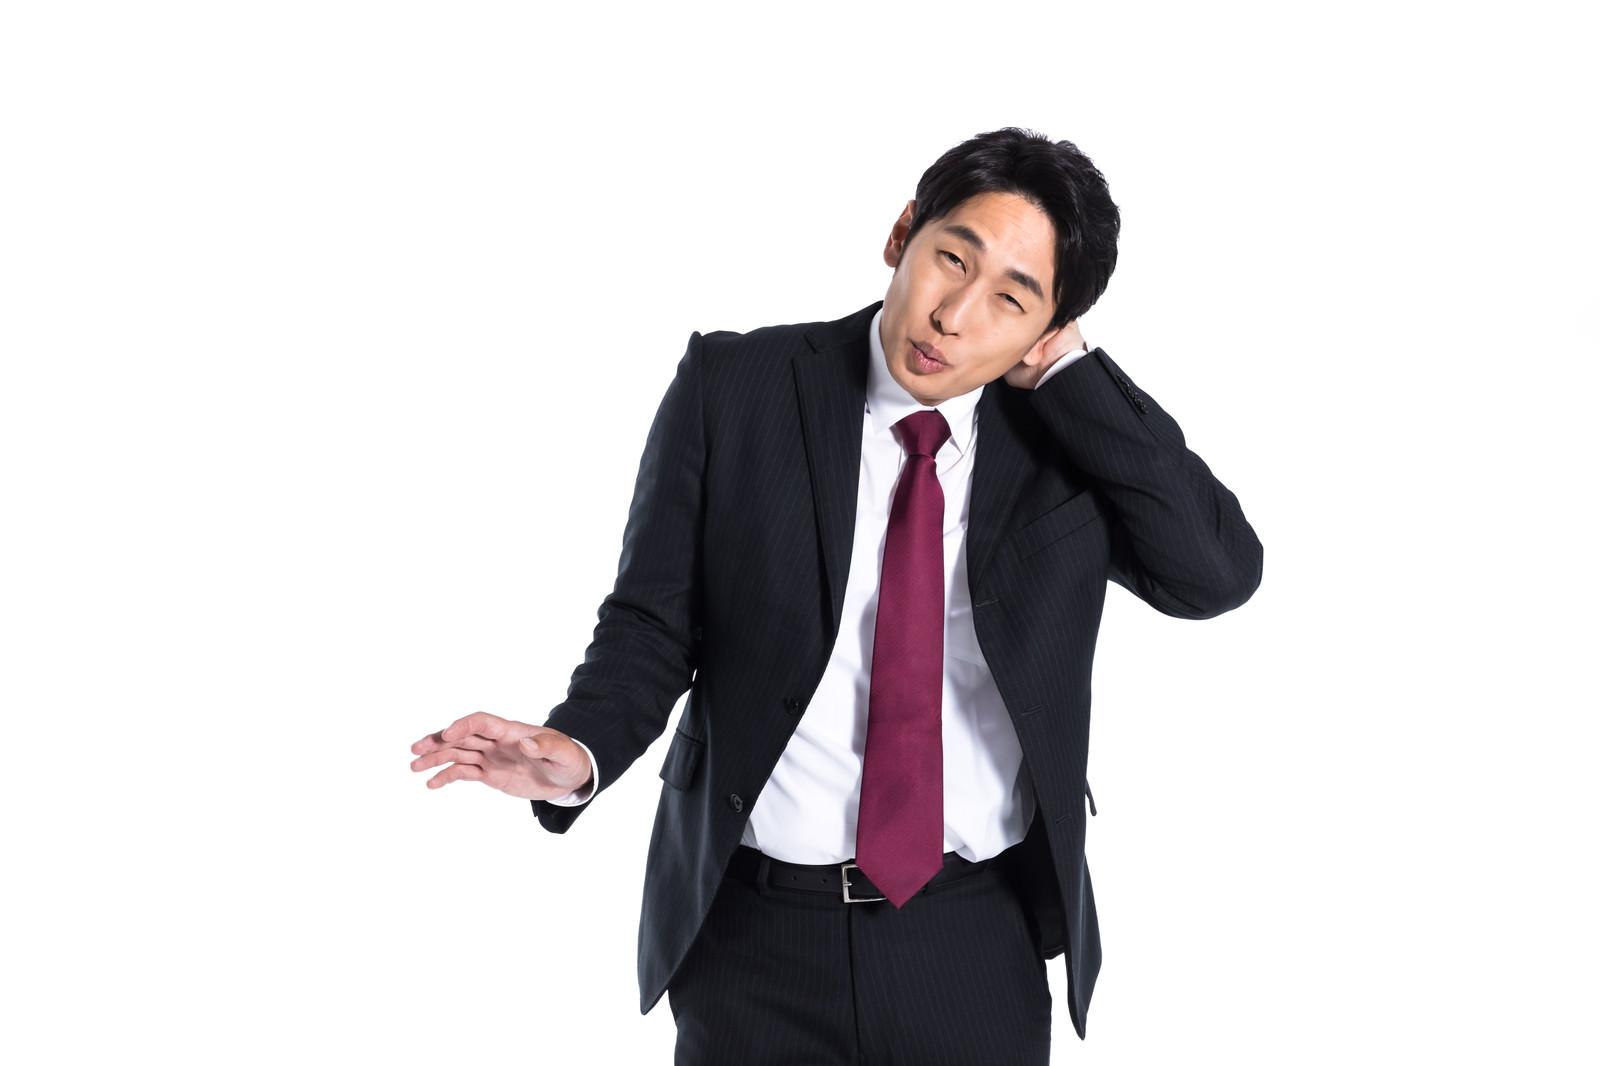 「まんざらでもない様子の会社員」の写真[モデル:大川竜弥]